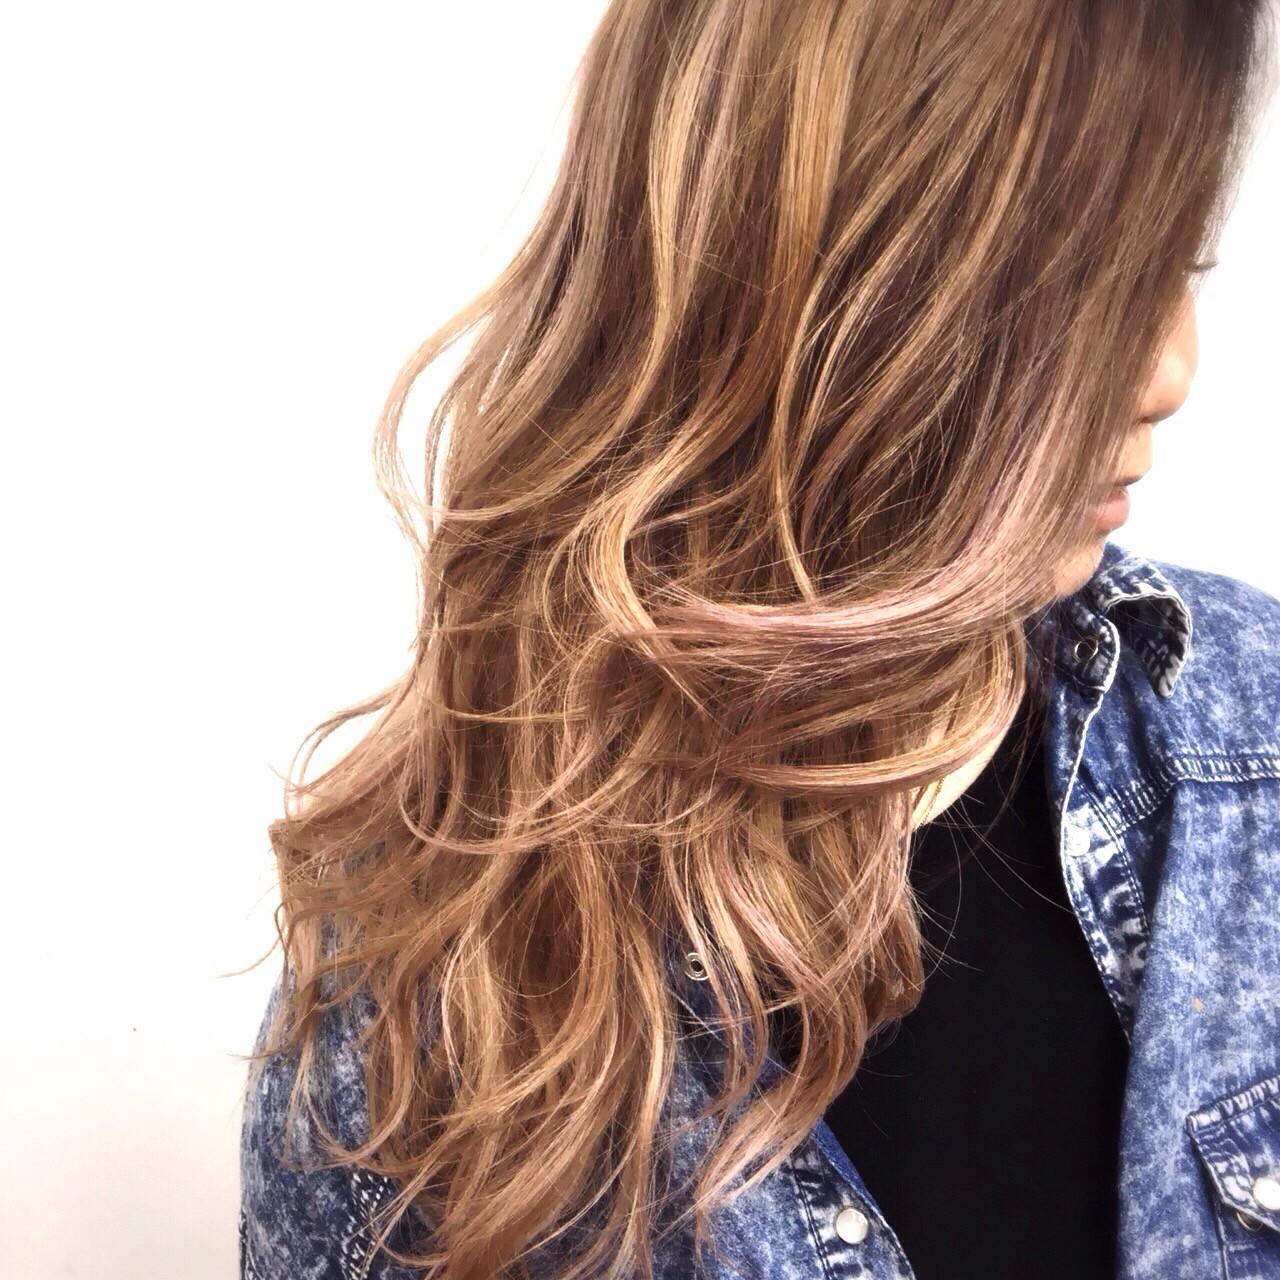 パープル ストリート ピンク ハイライト ヘアスタイルや髪型の写真・画像 | tetsuya / 電髪倶楽部 ZEST